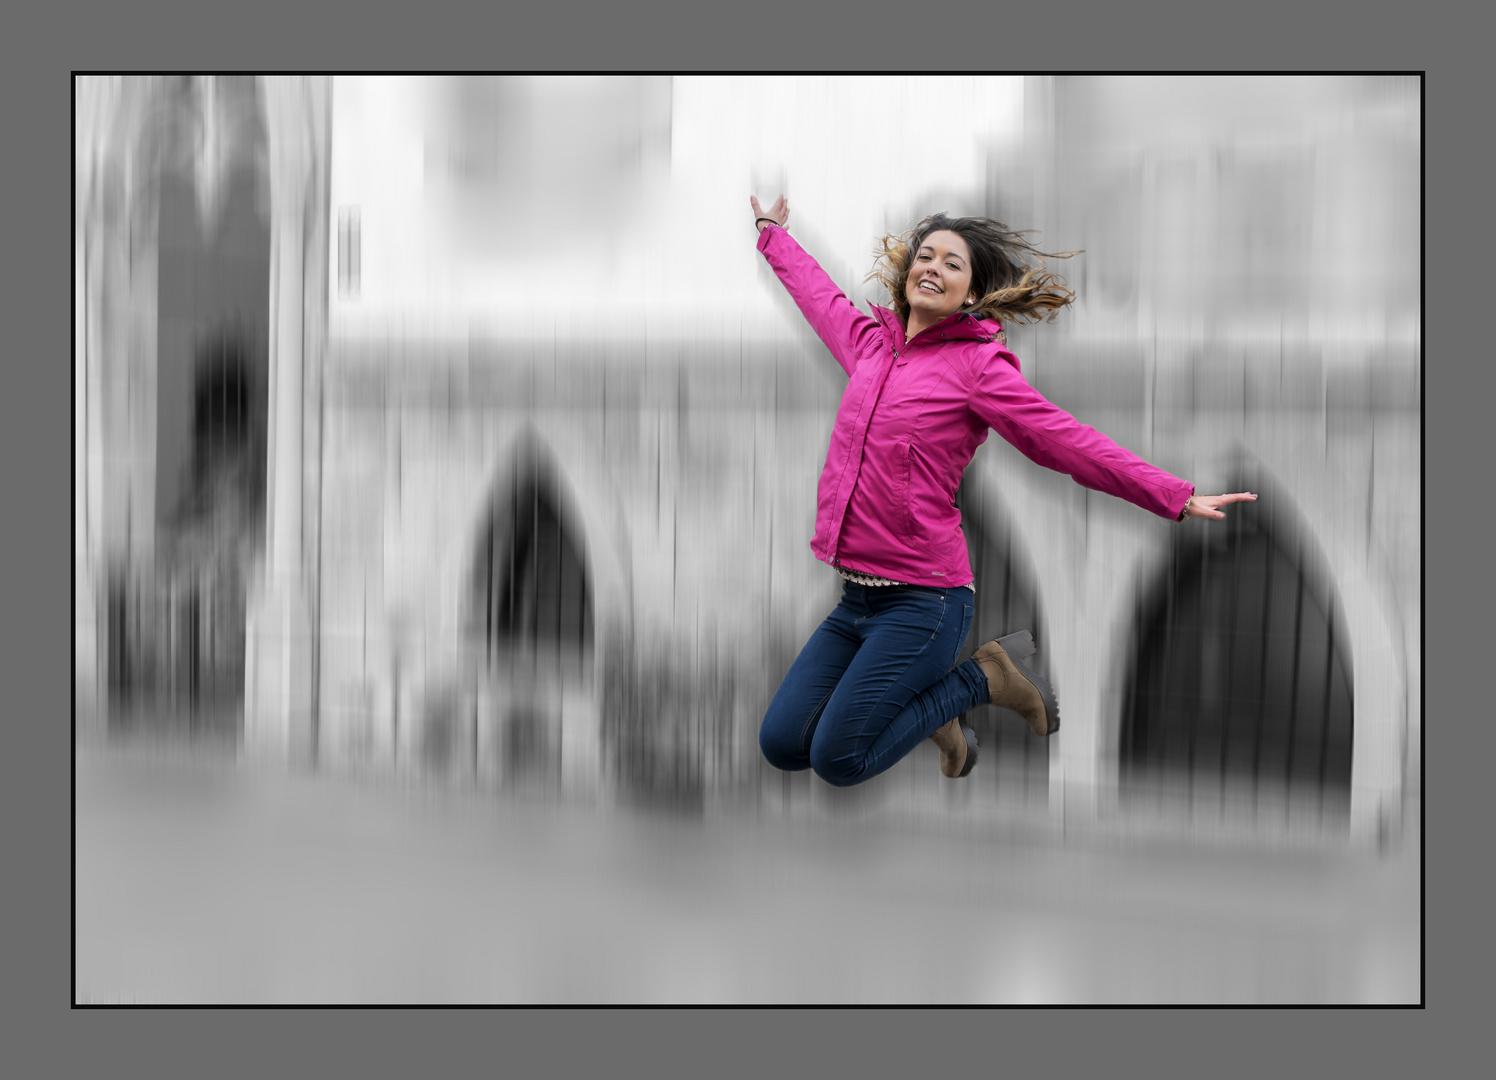 Salta, Gina, salta!!!